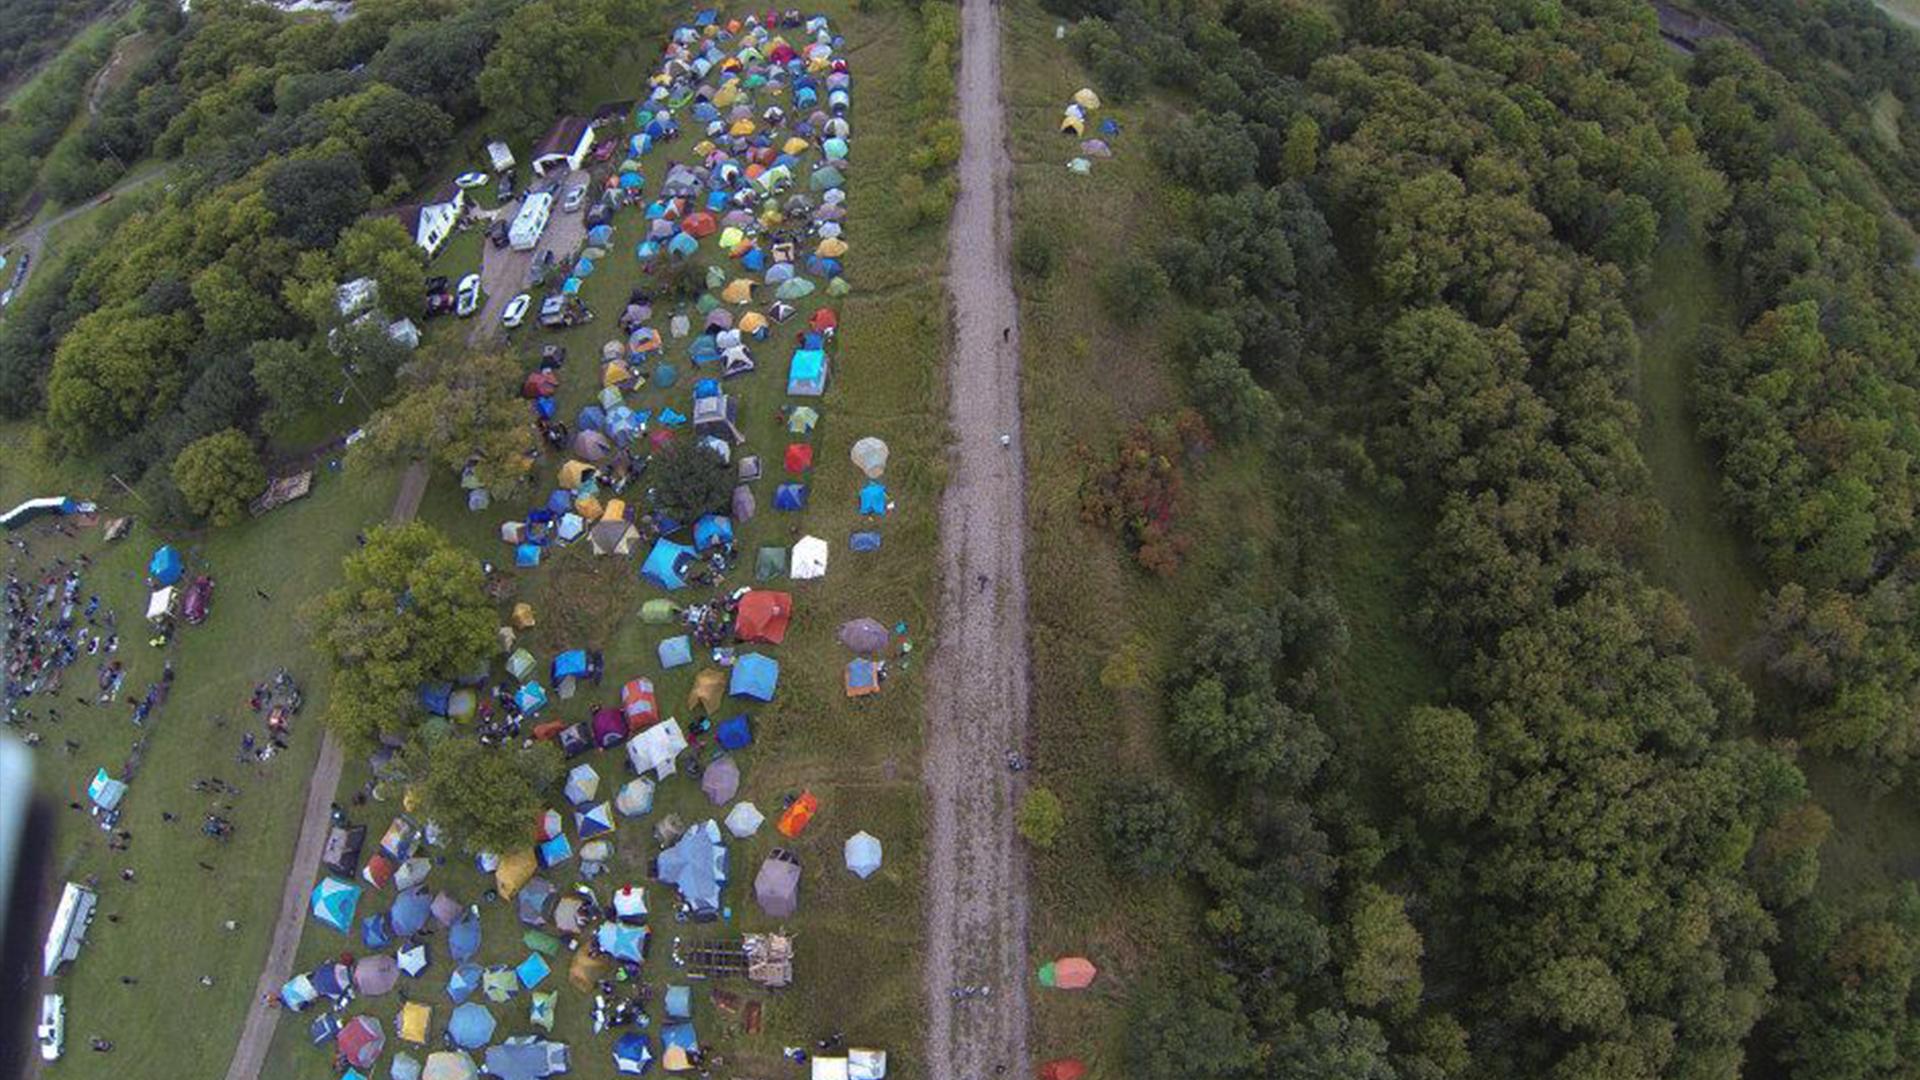 Drone Photo of Festival Site